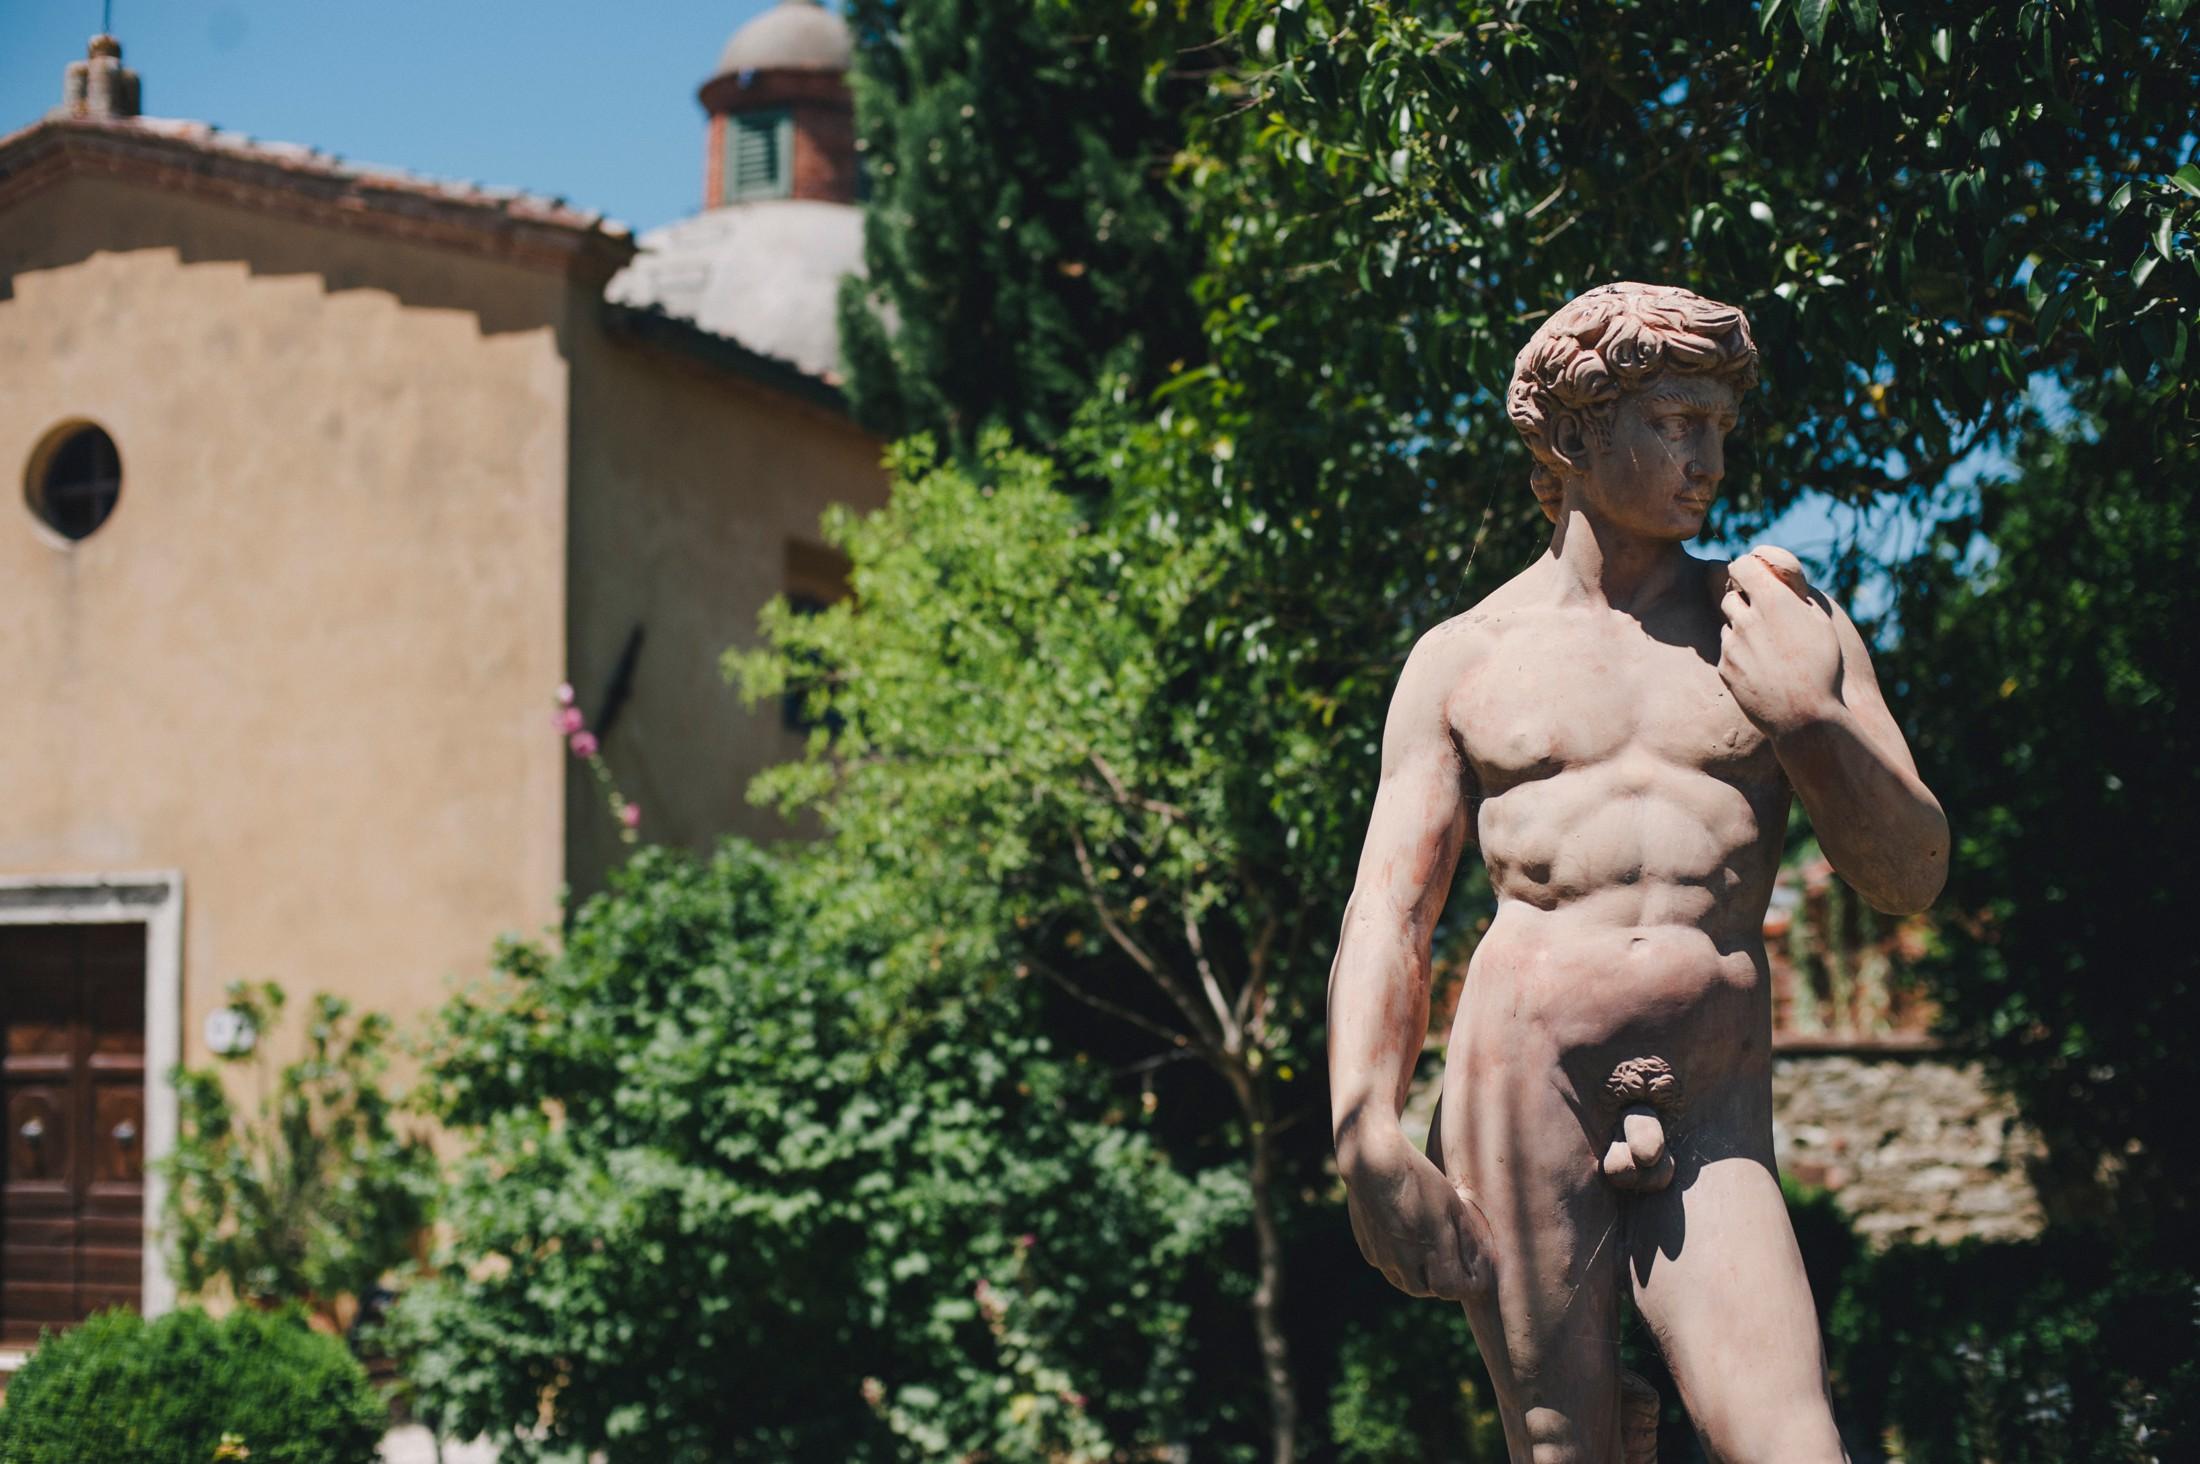 marble statue at Borgo Casa Bianca, Tuscany